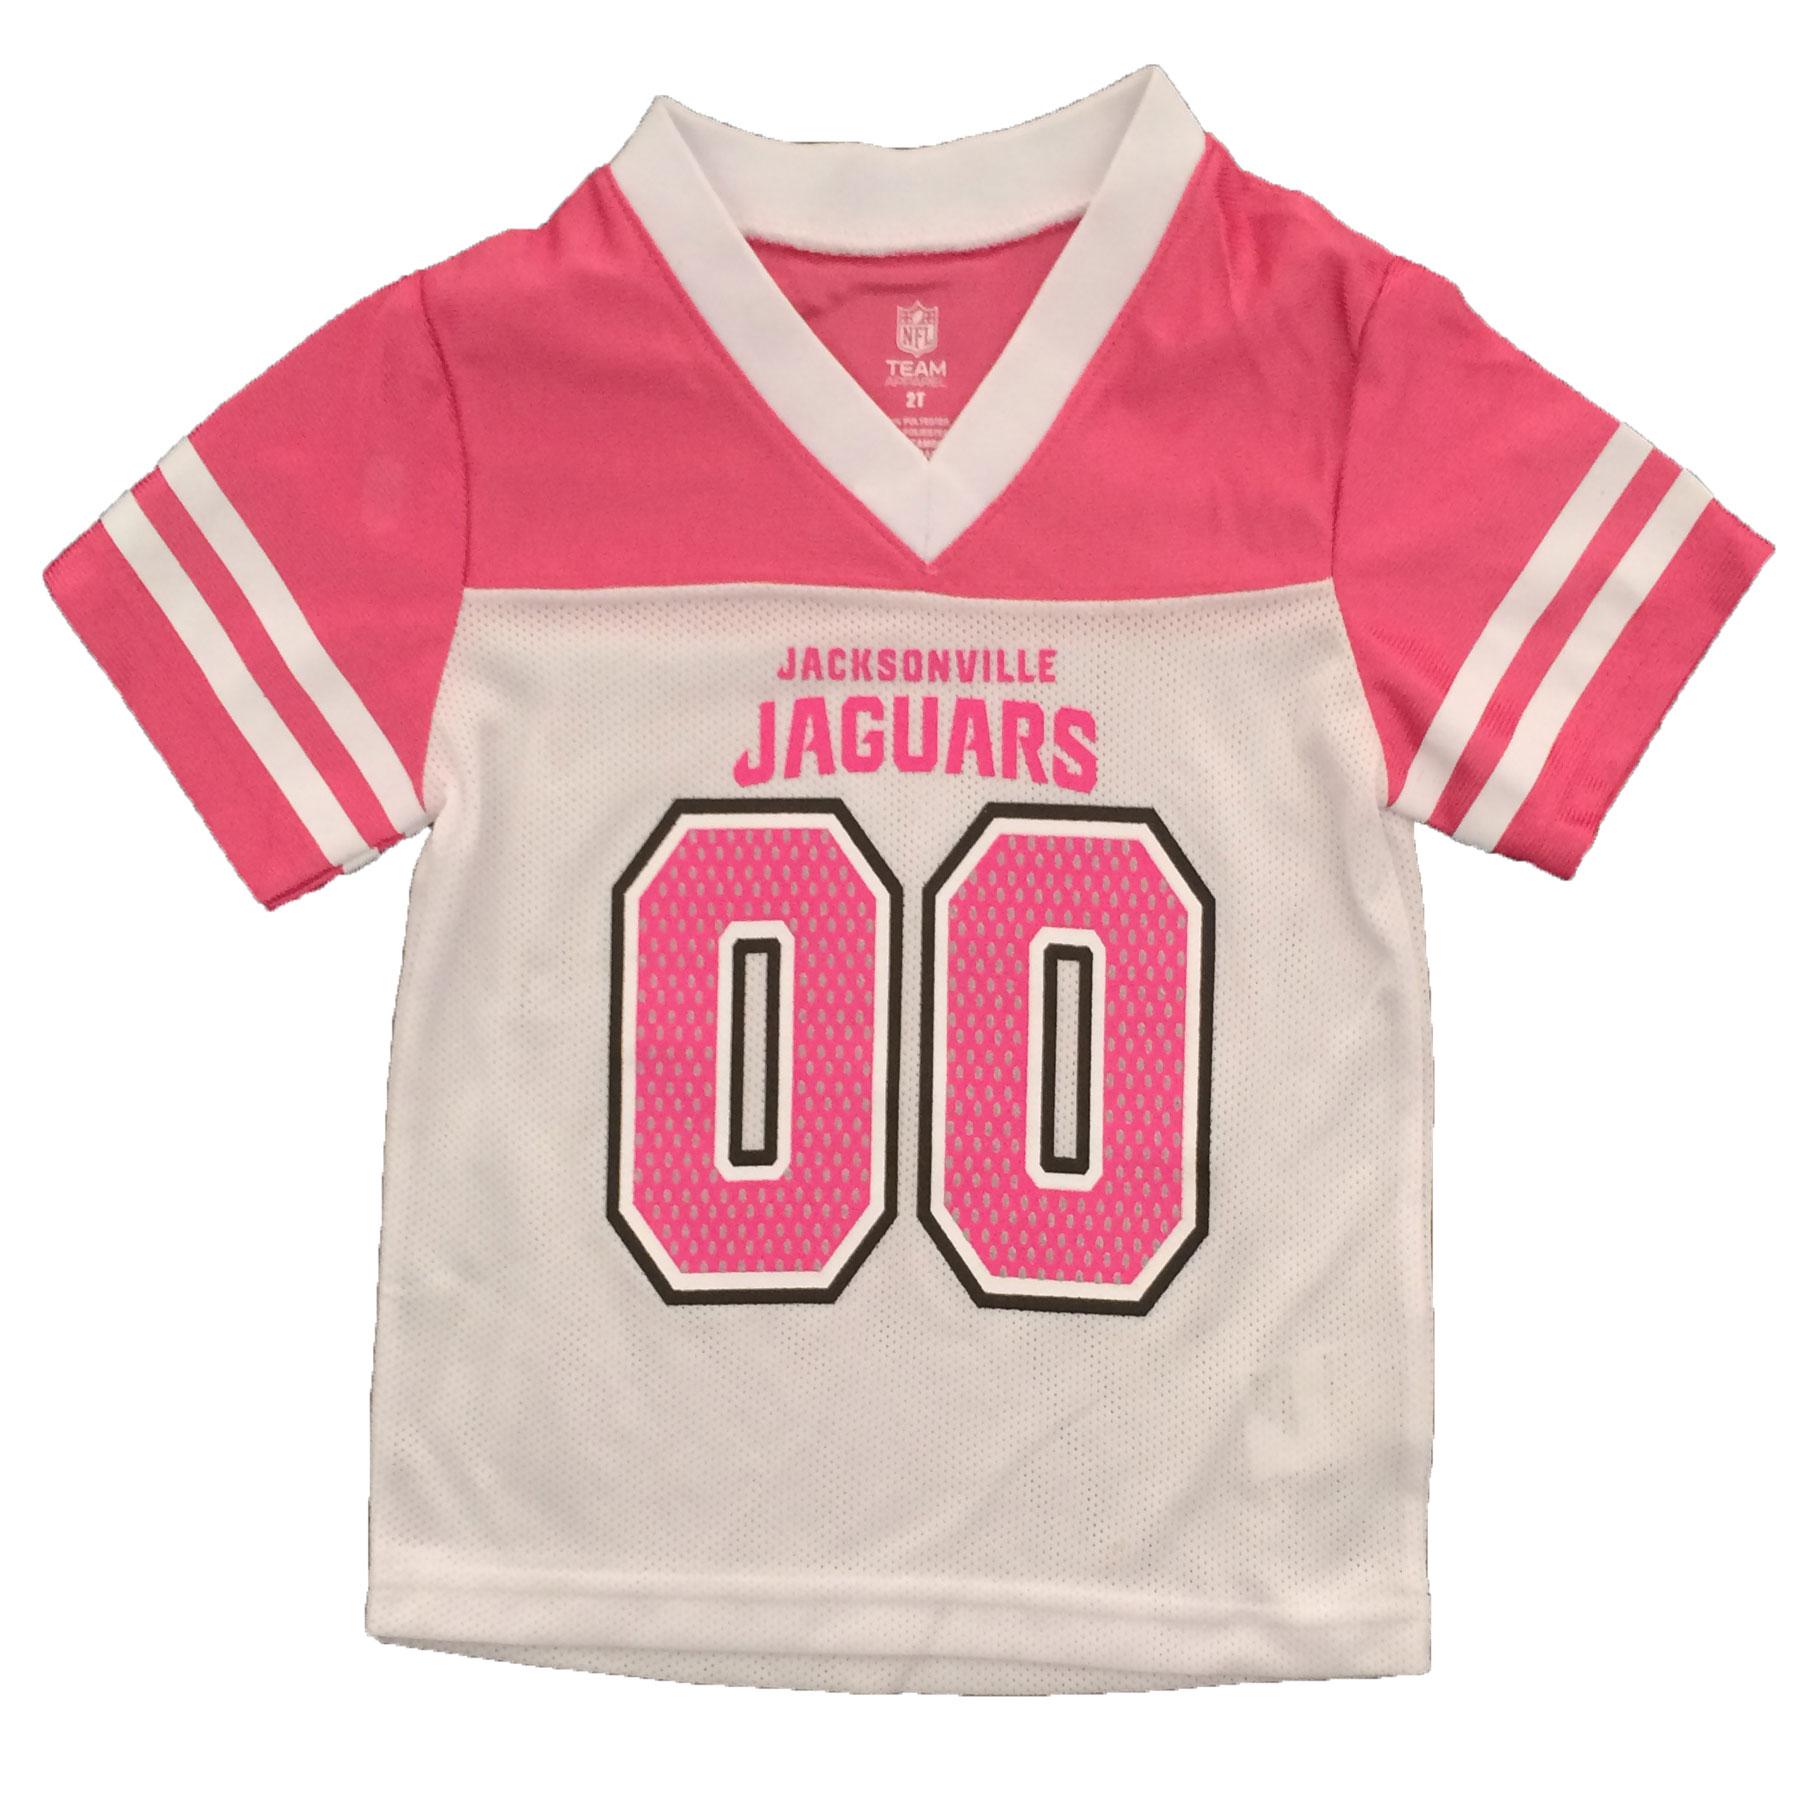 Jacksonville Jaguar Apparel: Jacksonville Jaguars Girls NFL Team Apparel Toddler Fan